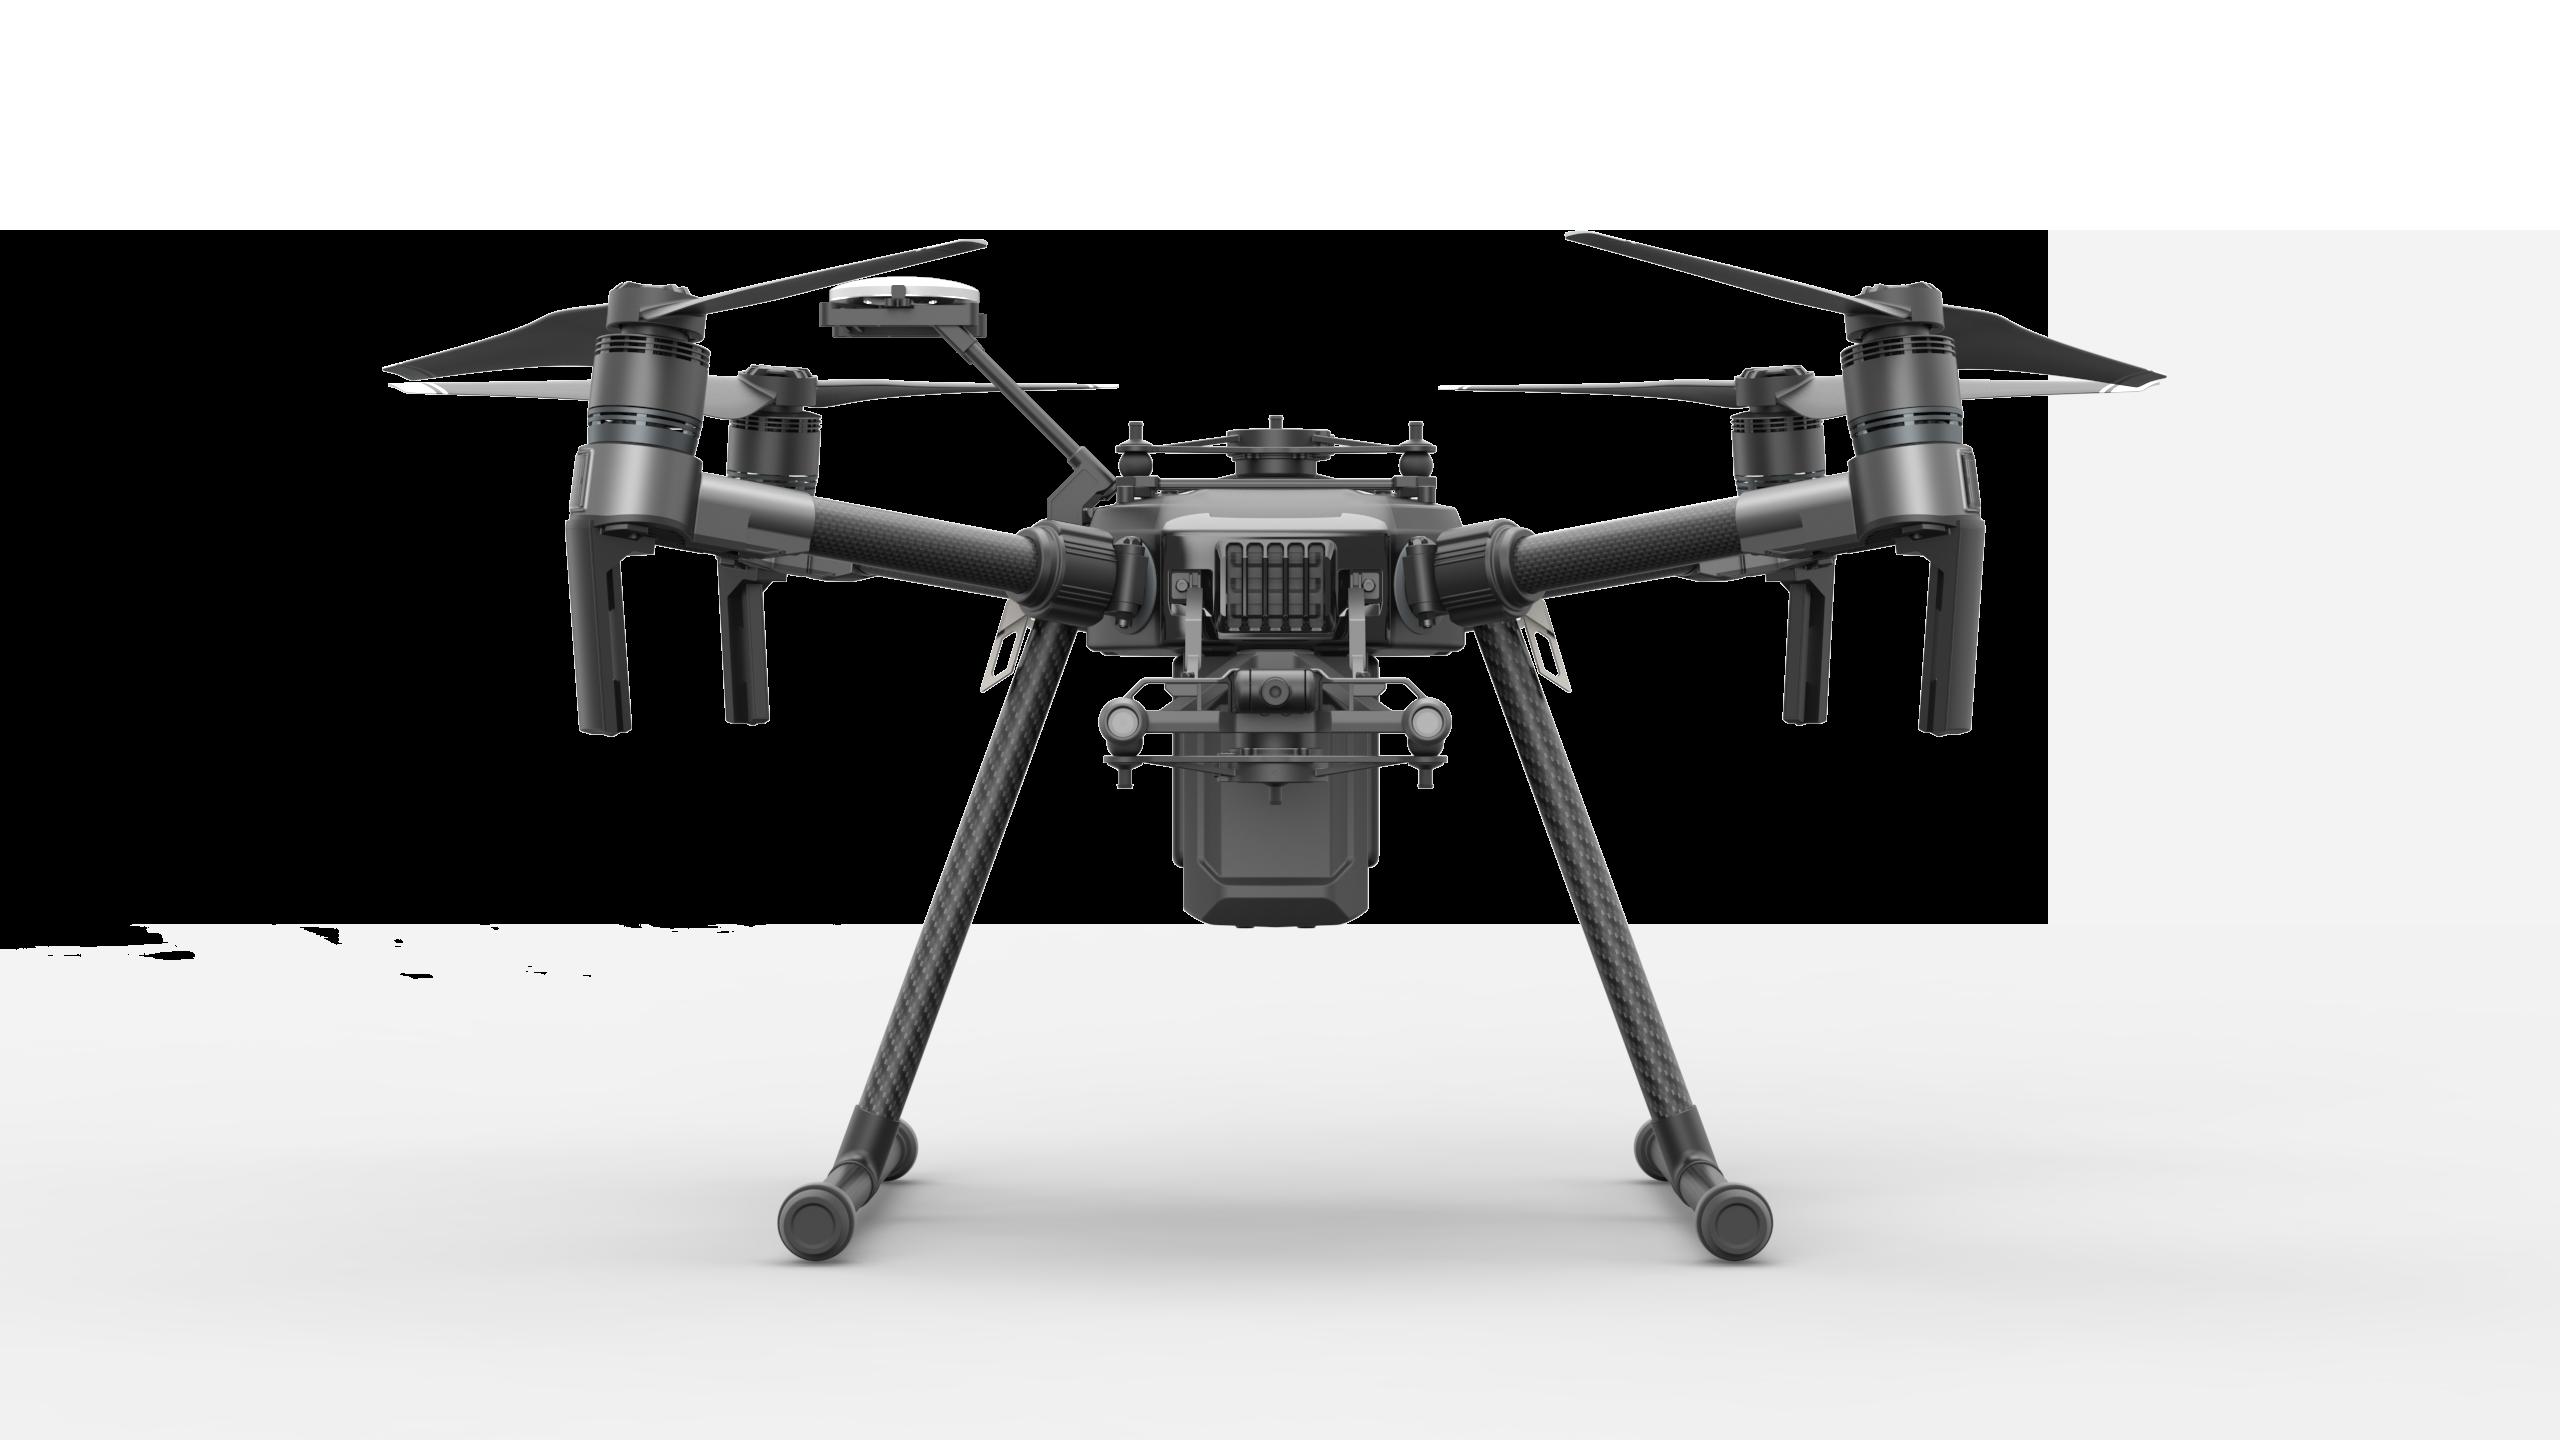 Najlepszy dron DJI do trudnych zadań i lotów z dwoma kamerami z zoomem optycznym i kamerą termowizyjną dostępny w sklepie DJI IRON SKY www ironsky plM210_TX